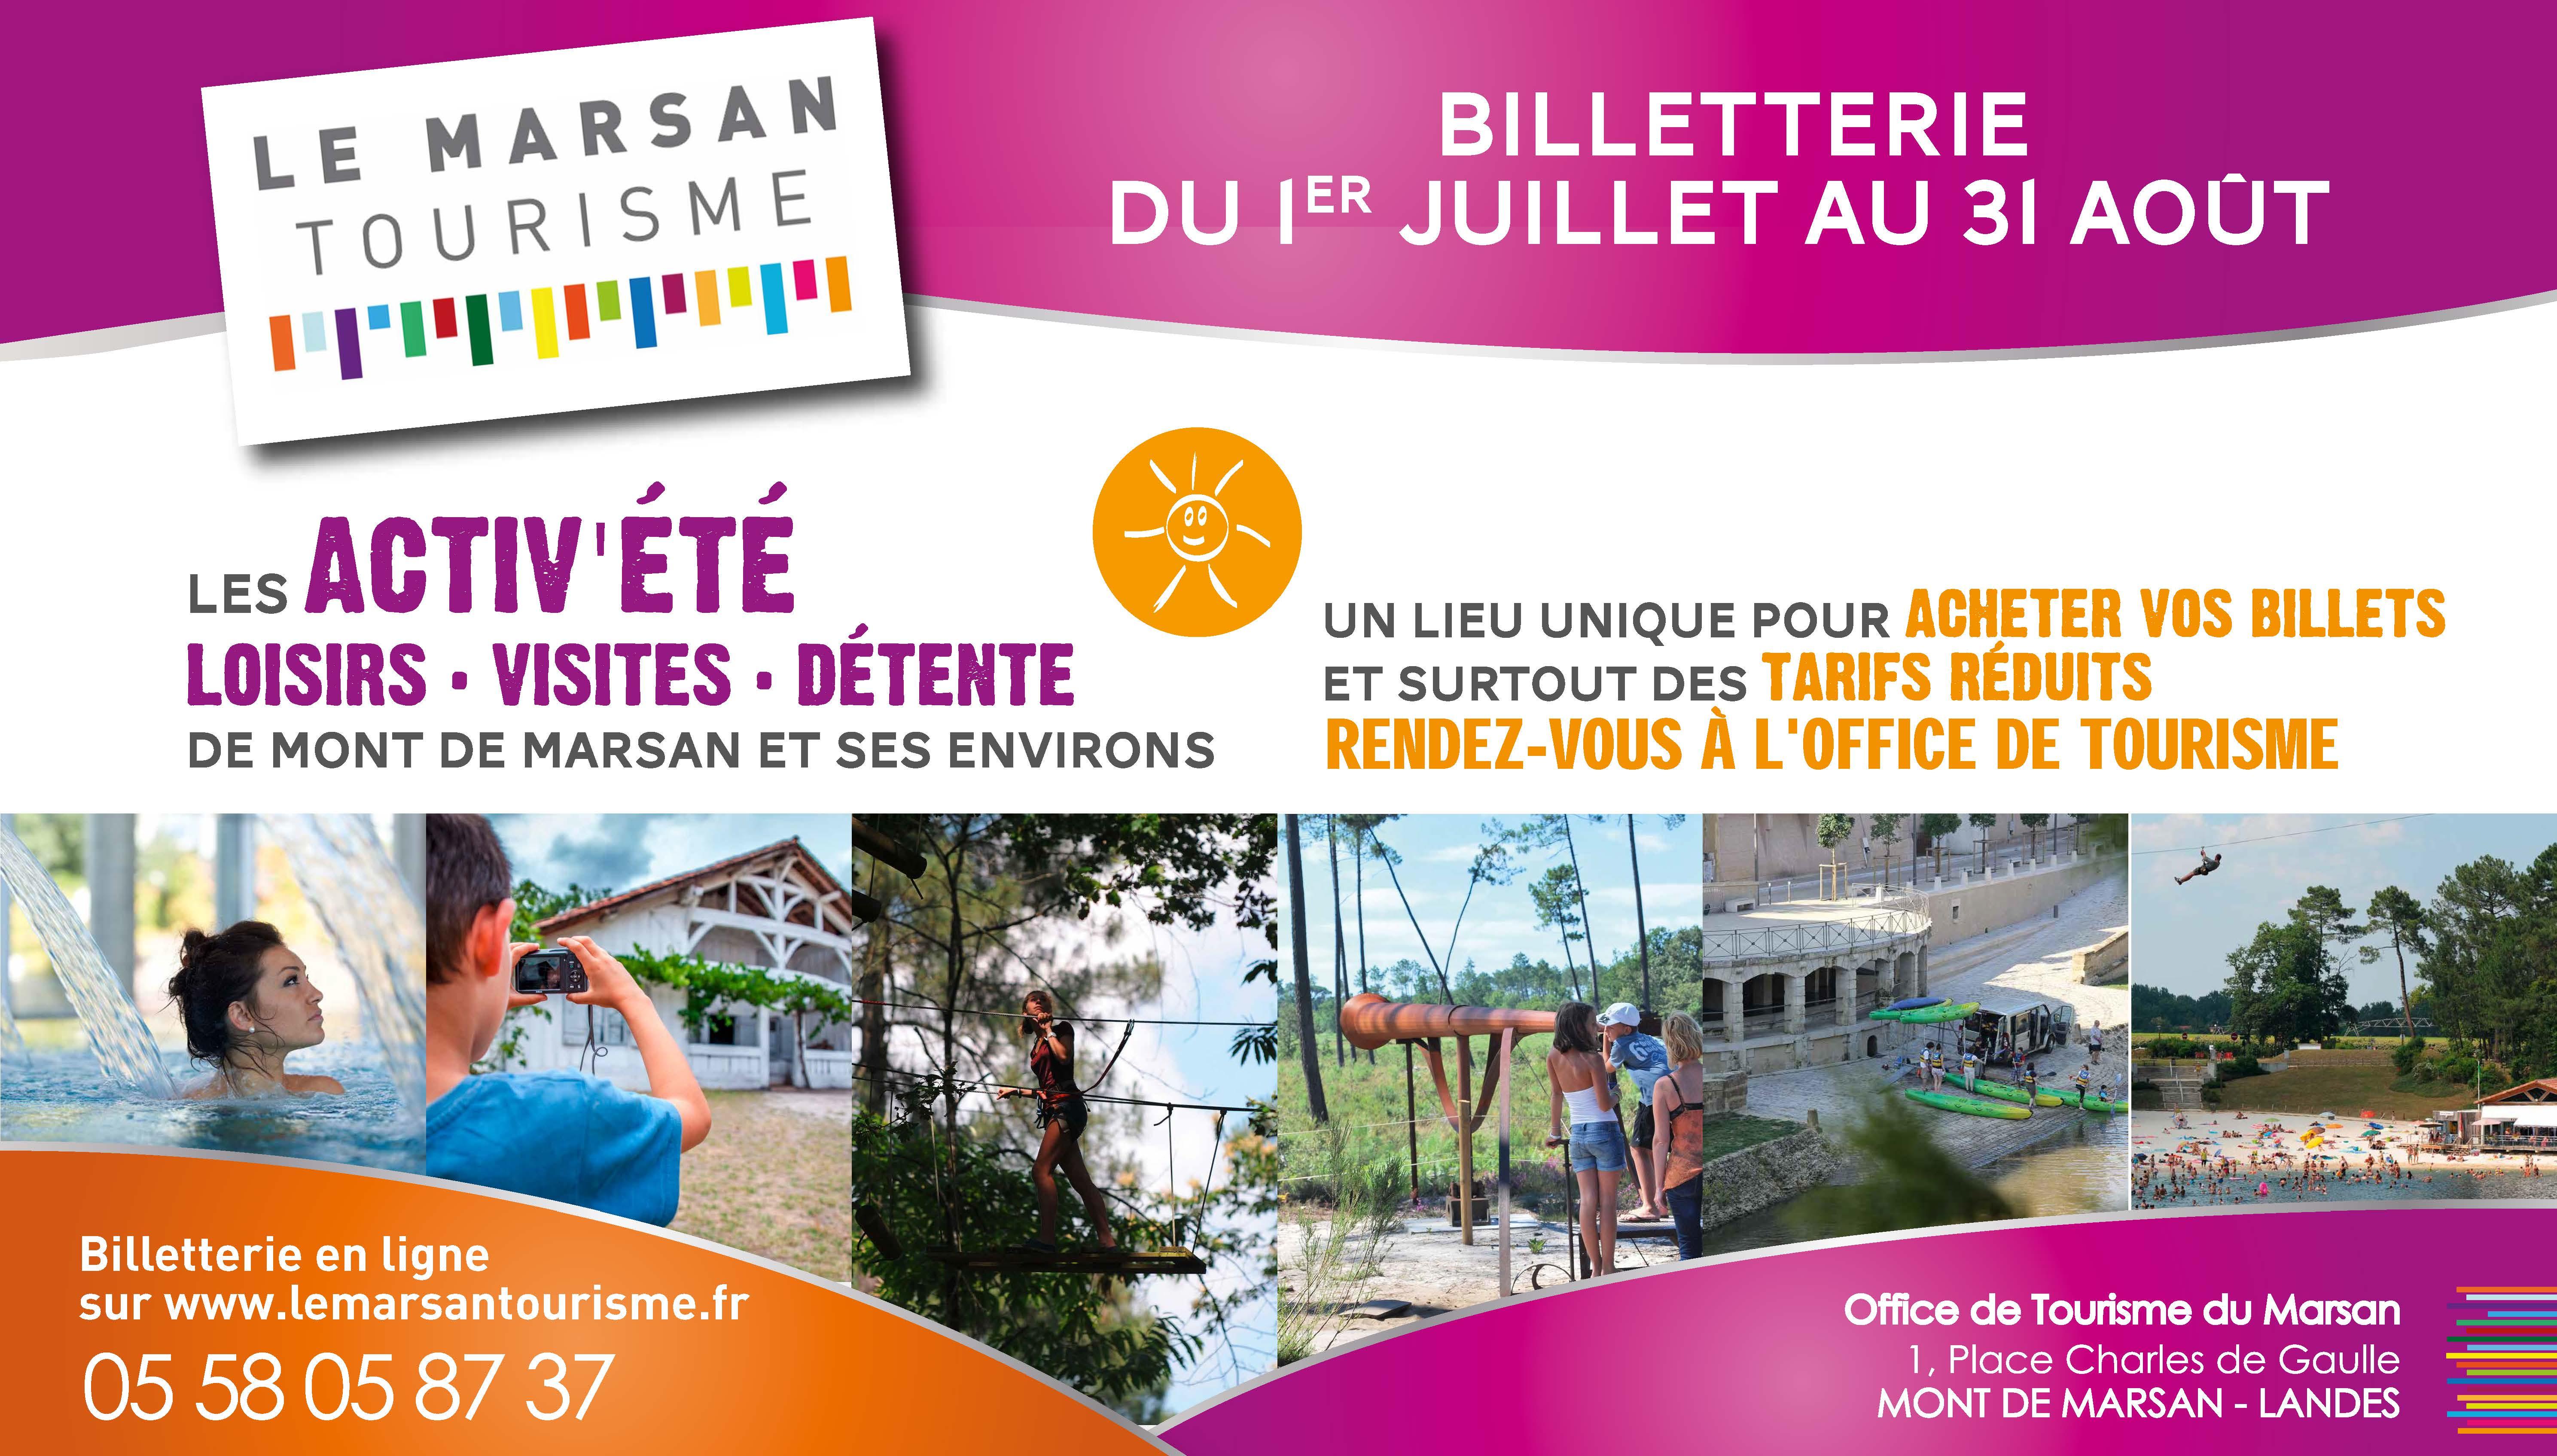 31eaf9425a019 Office de Tourisme du Marsan Billetterie